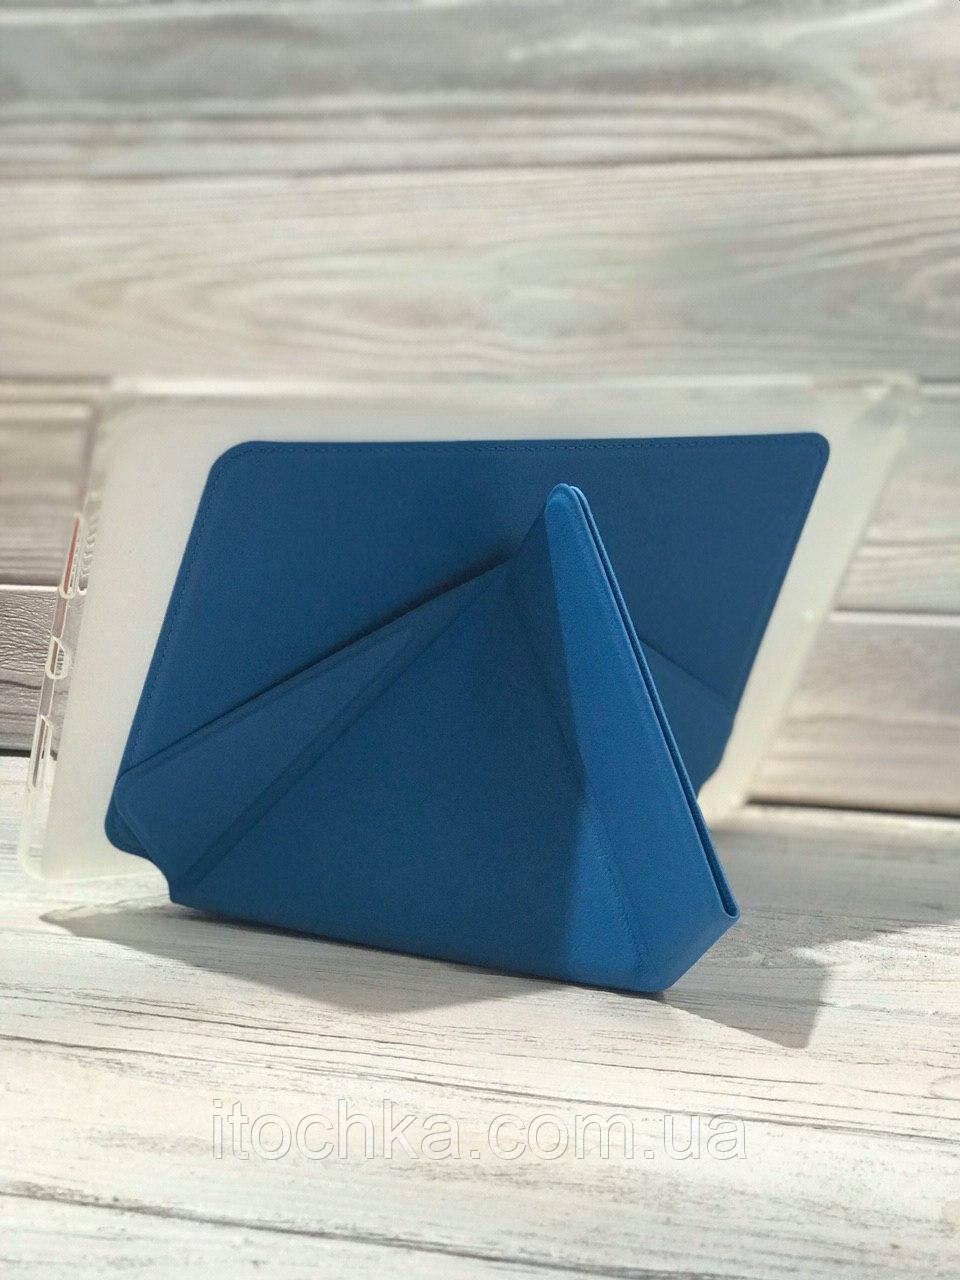 Чехол iMAX для iPad Pro 10.5 Blue